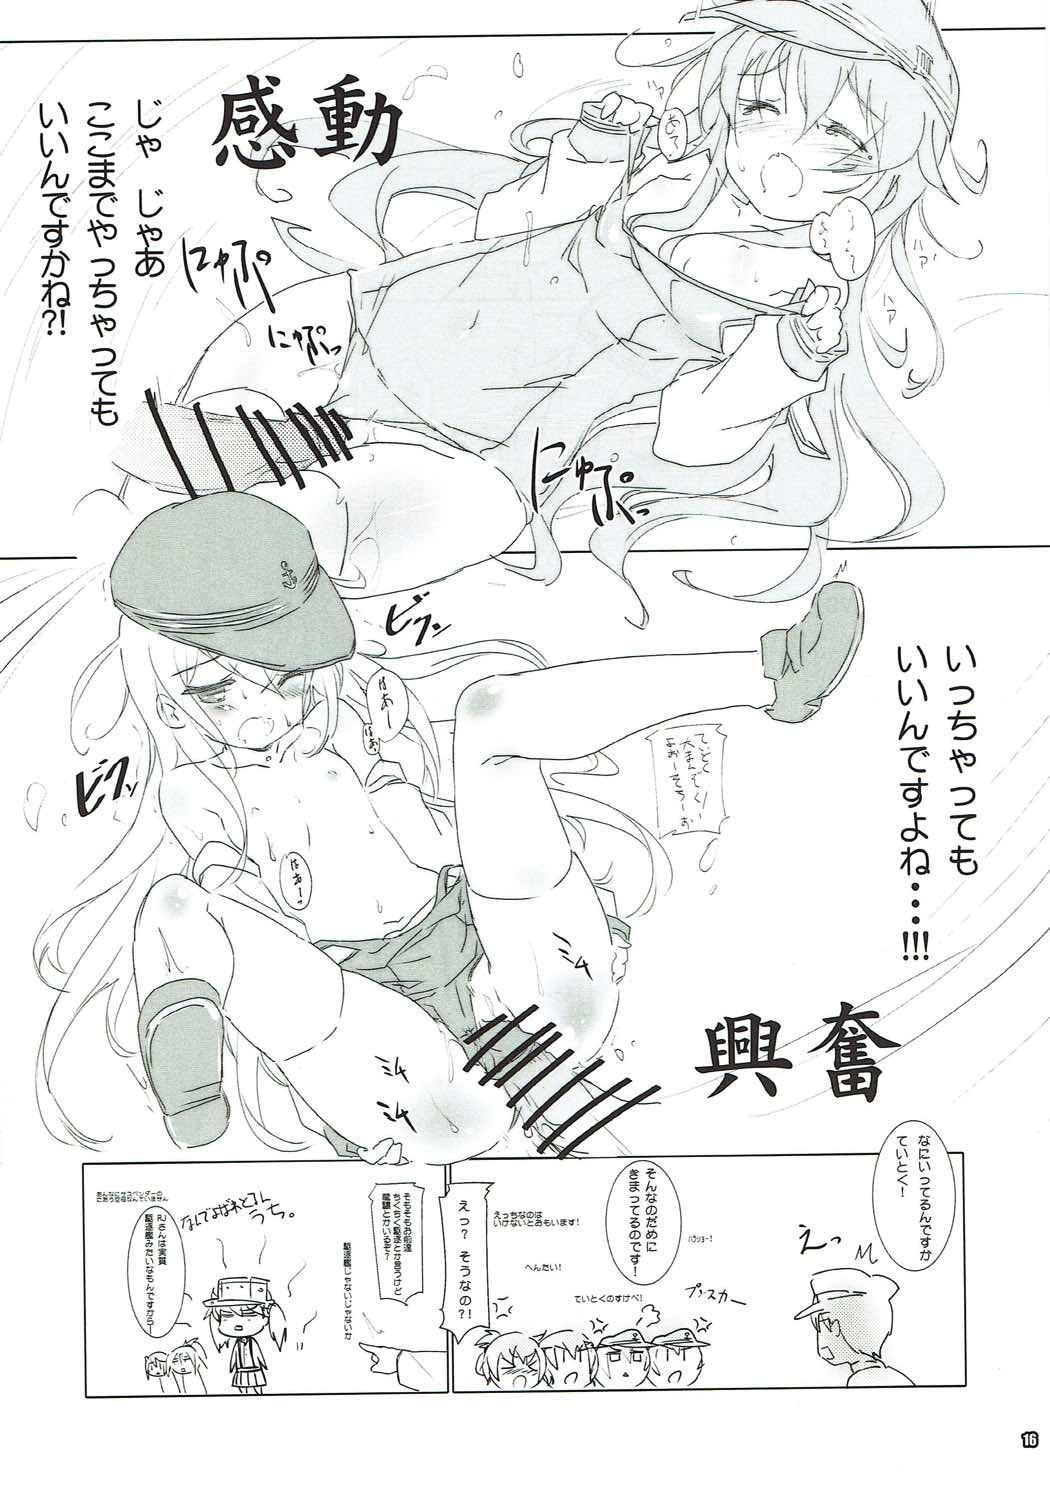 Chikuchiku Kuchiku Zuizui Kuubo 14